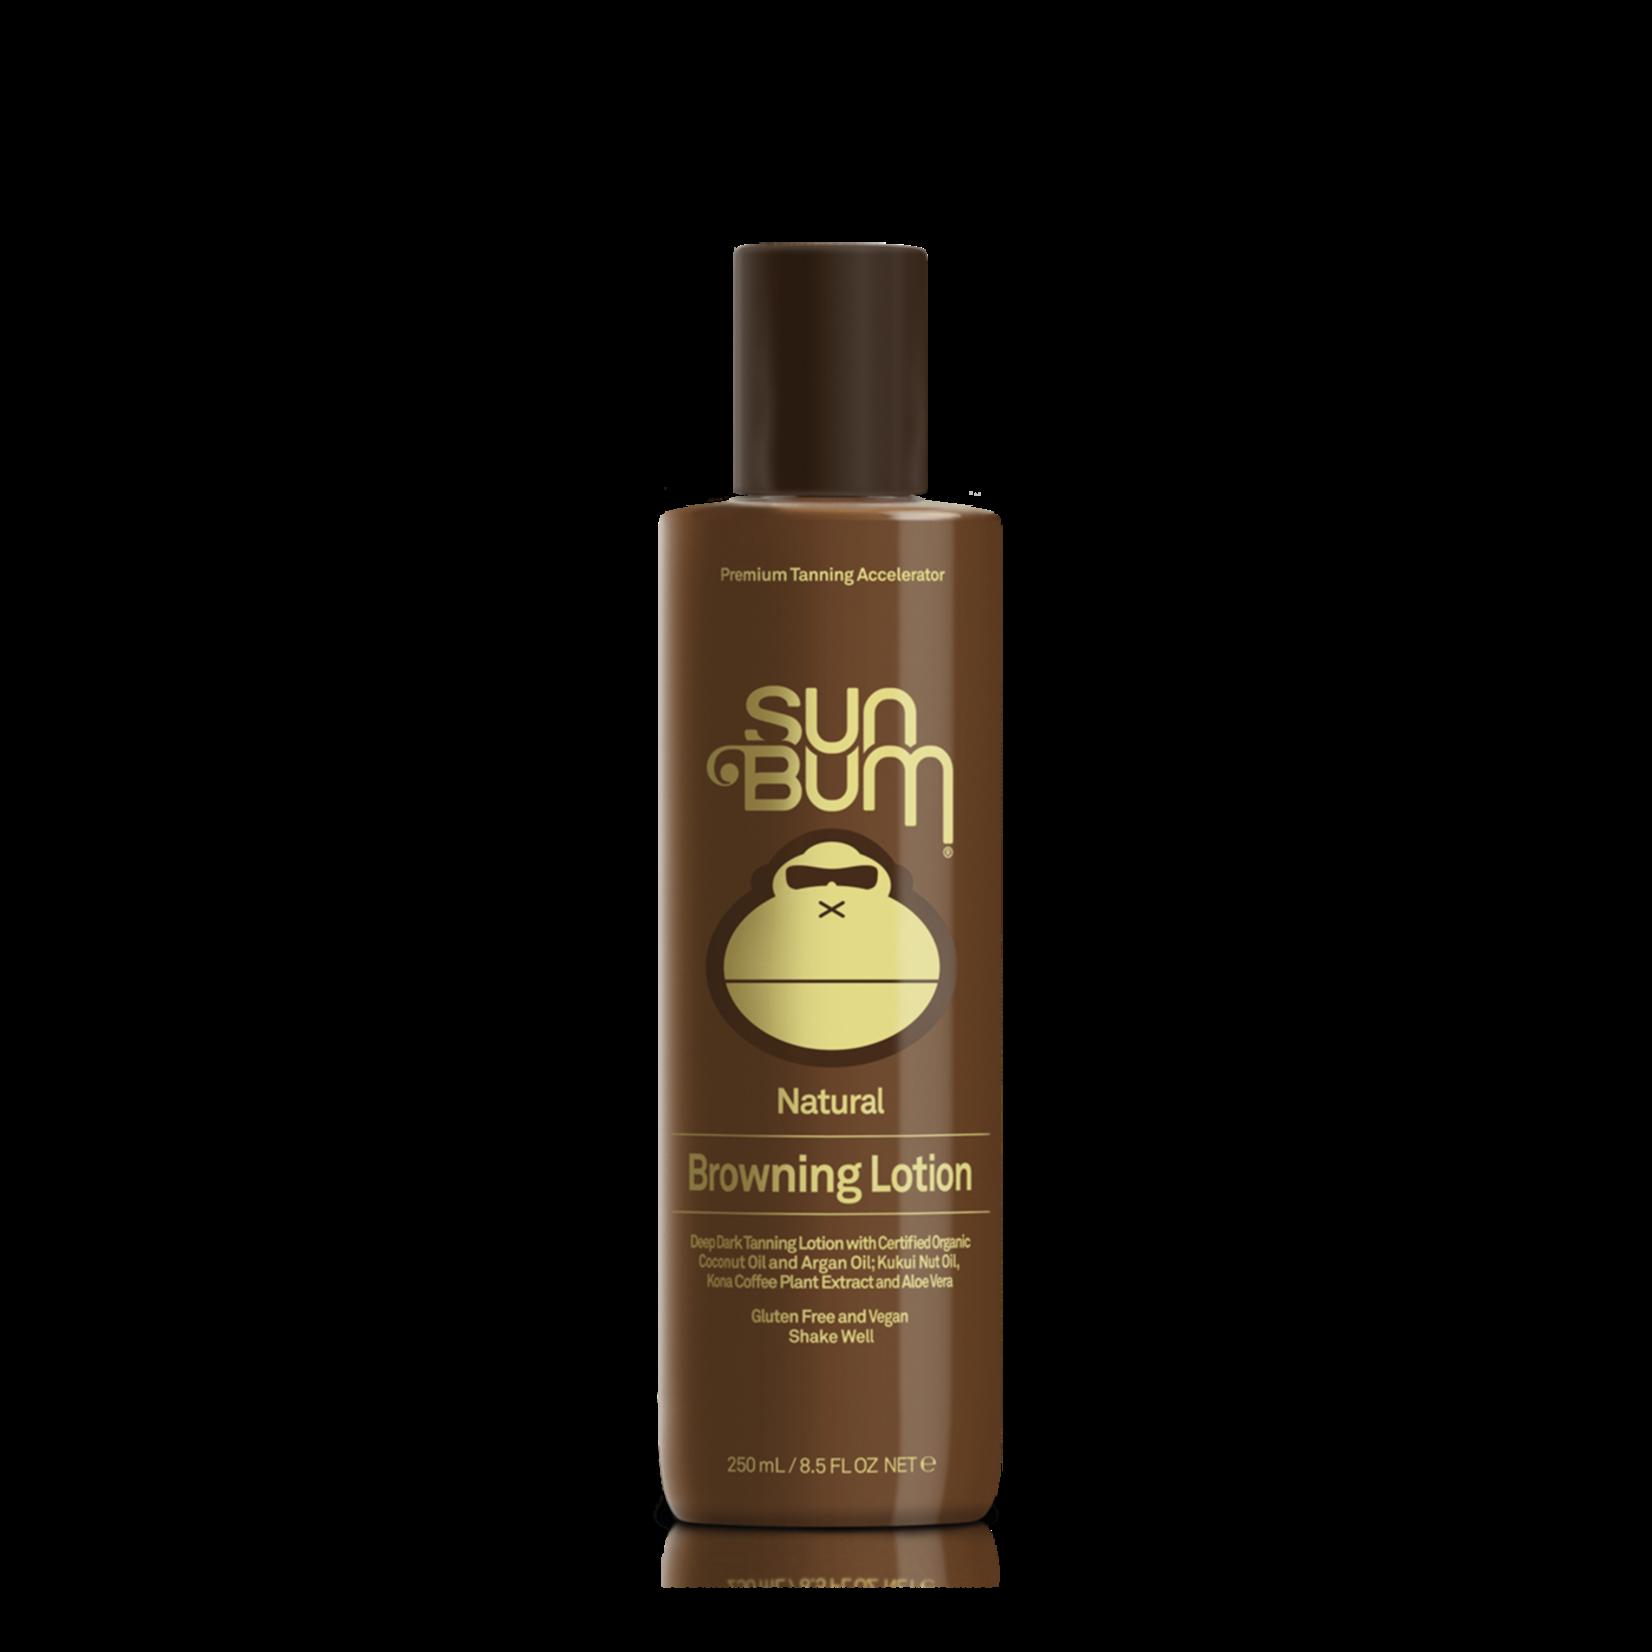 Sun Bum Sun Bum Natural Browning Lotion 8.5 Oz